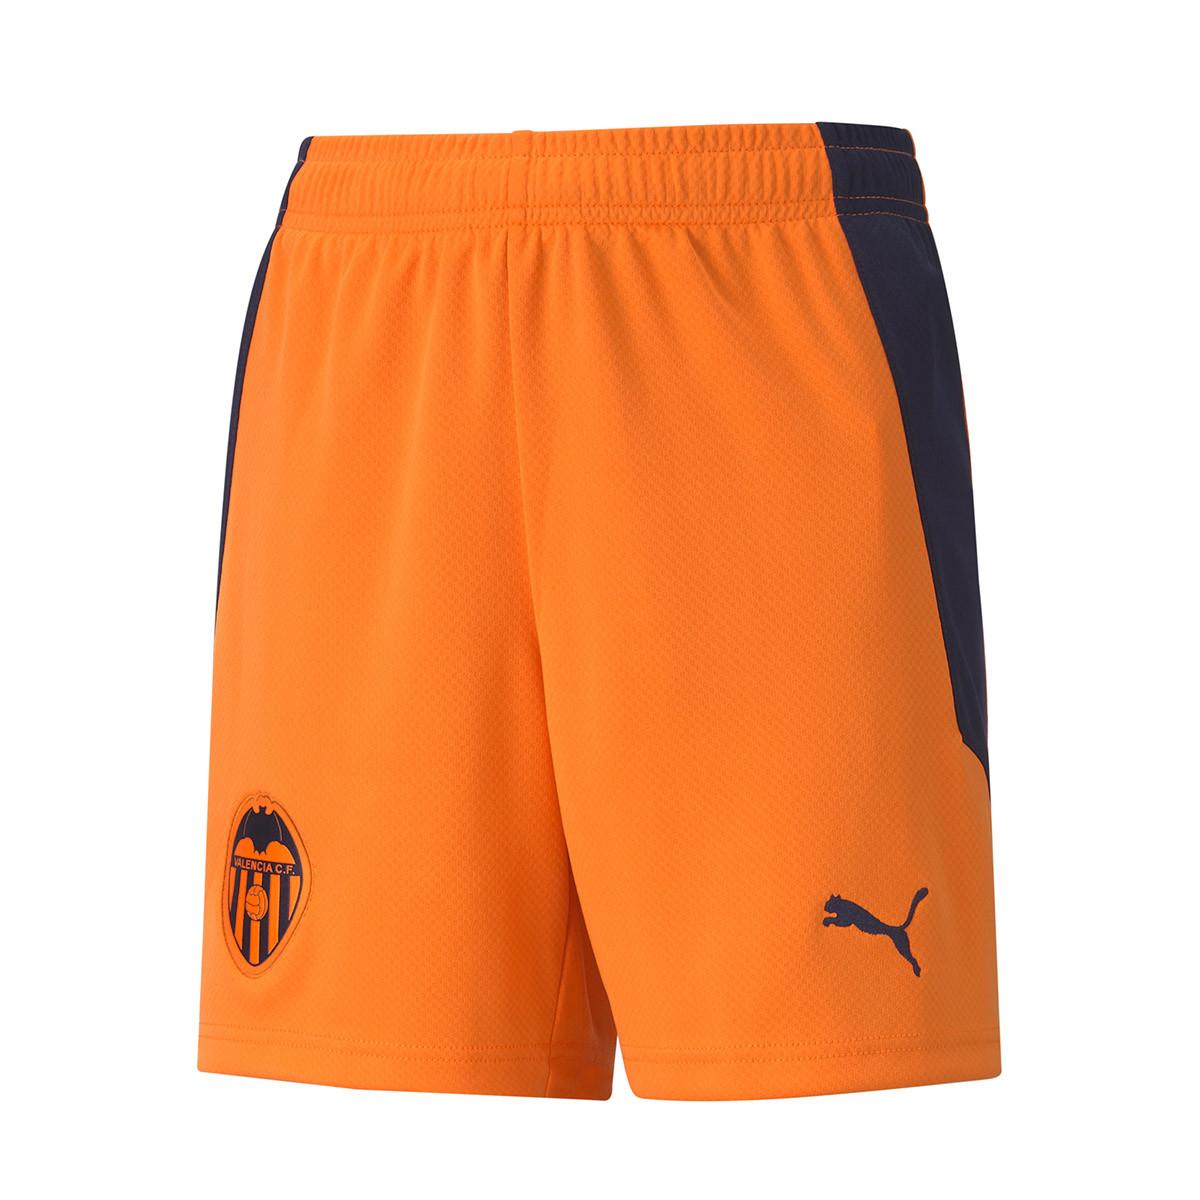 Pantalon Corto Puma Valencia Cf Segunda Equipacion 2020 2021 Nino Vibrant Orange Peacoat Tienda De Futbol Futbol Emotion